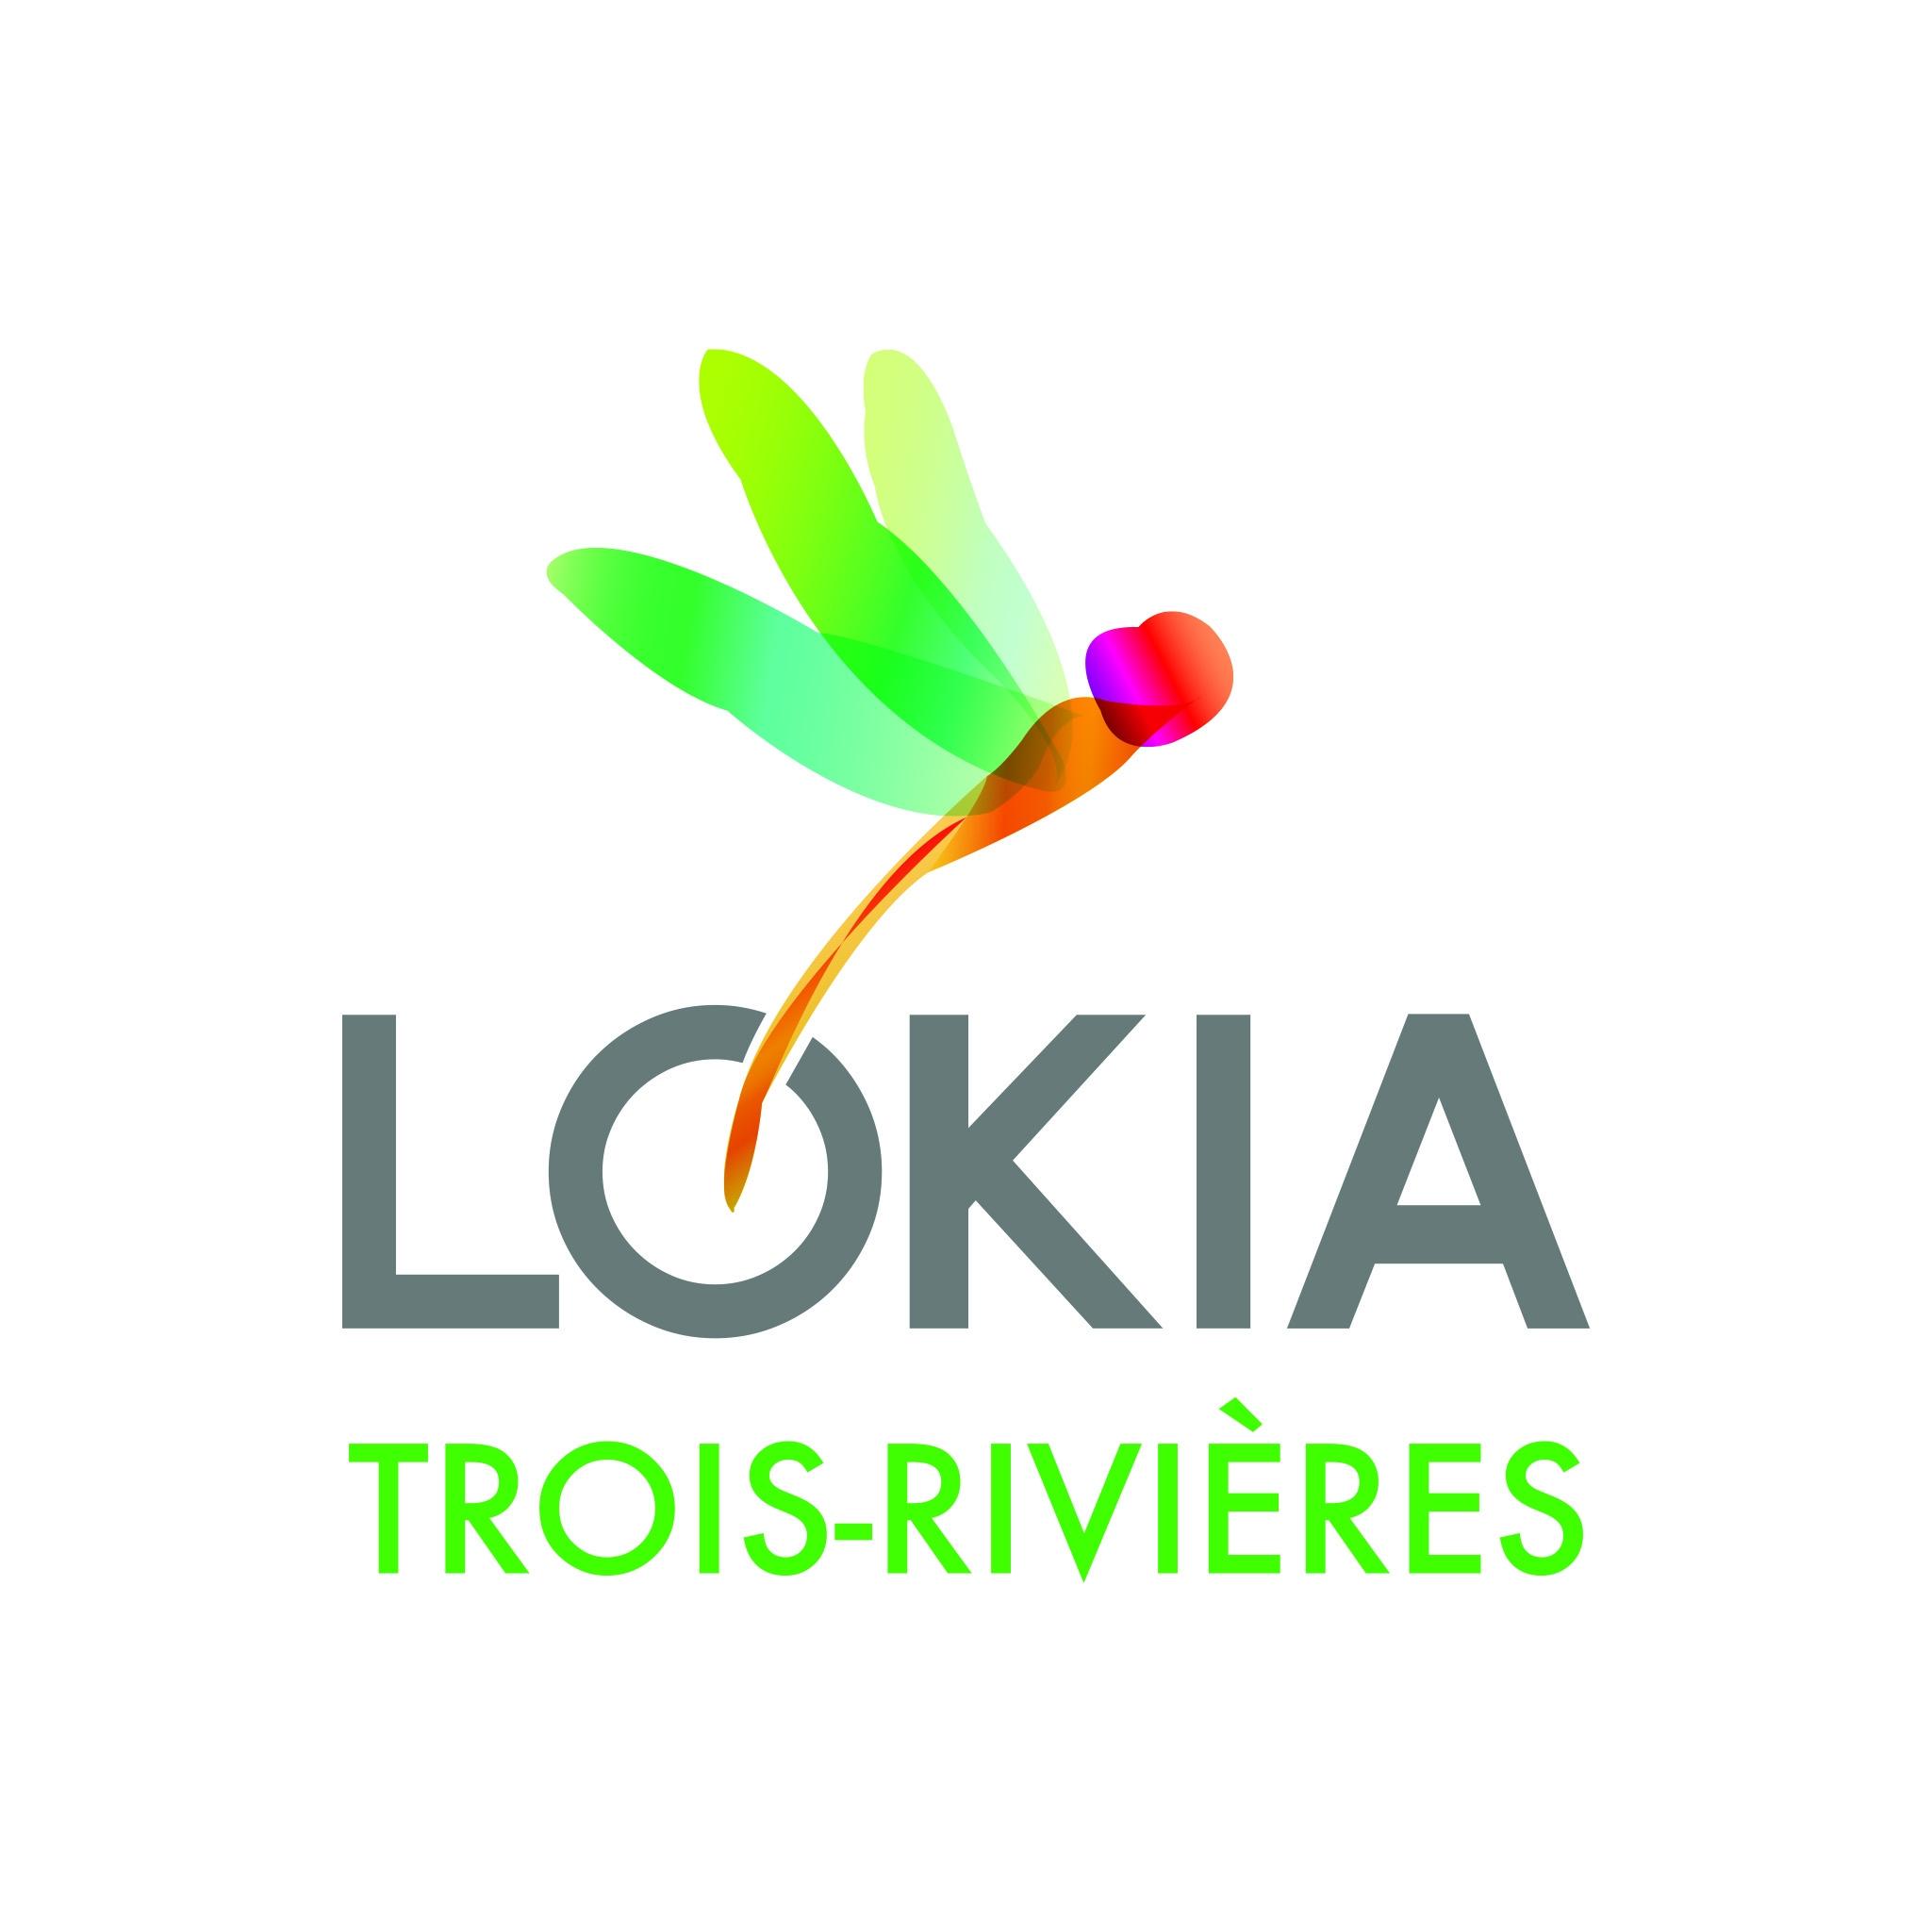 Lokia Trois-Rivières